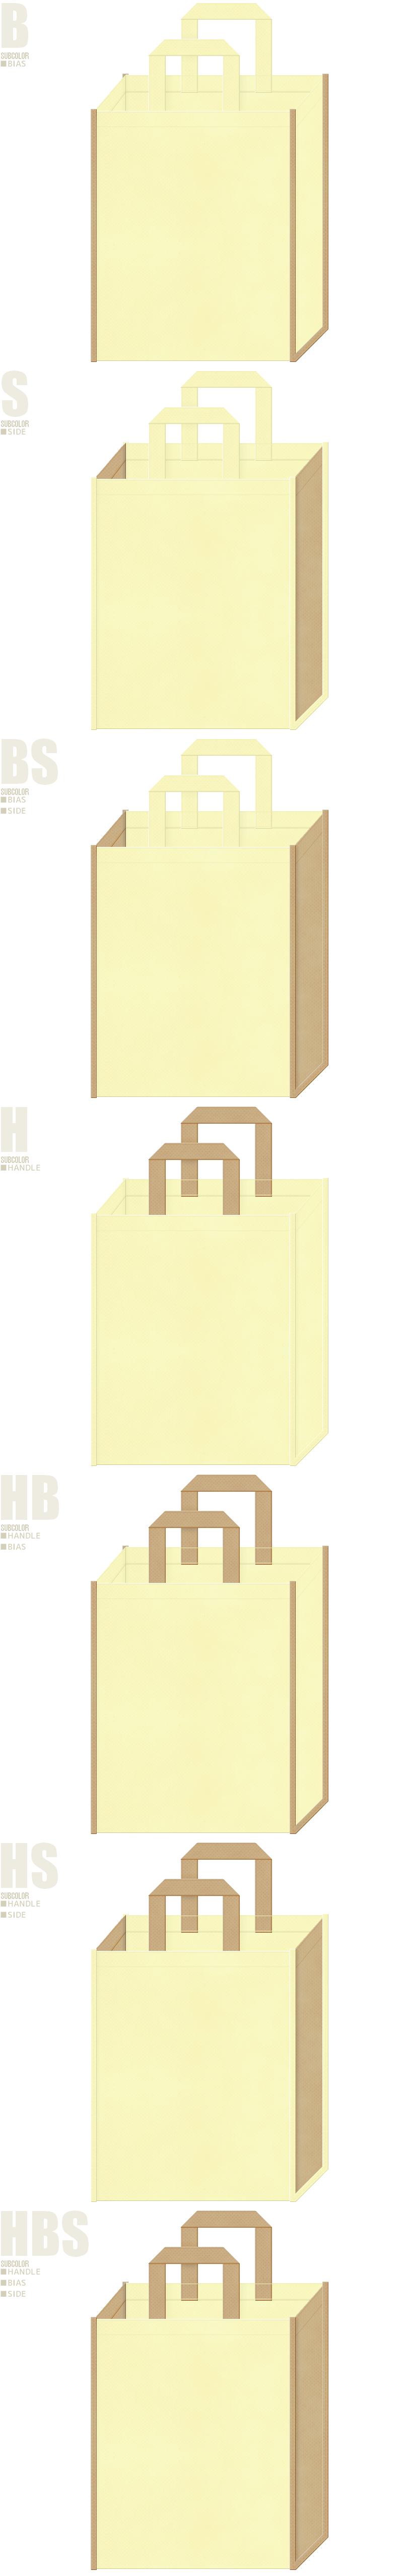 ガーリーデザイン・手芸・ぬいぐるみ・ペットサロン・クレープ・クッキー・マーガリン・スイーツ・ベーカリー・和菓子にお奨めの不織布バッグデザイン:薄黄色とカーキ色の配色7パターン。